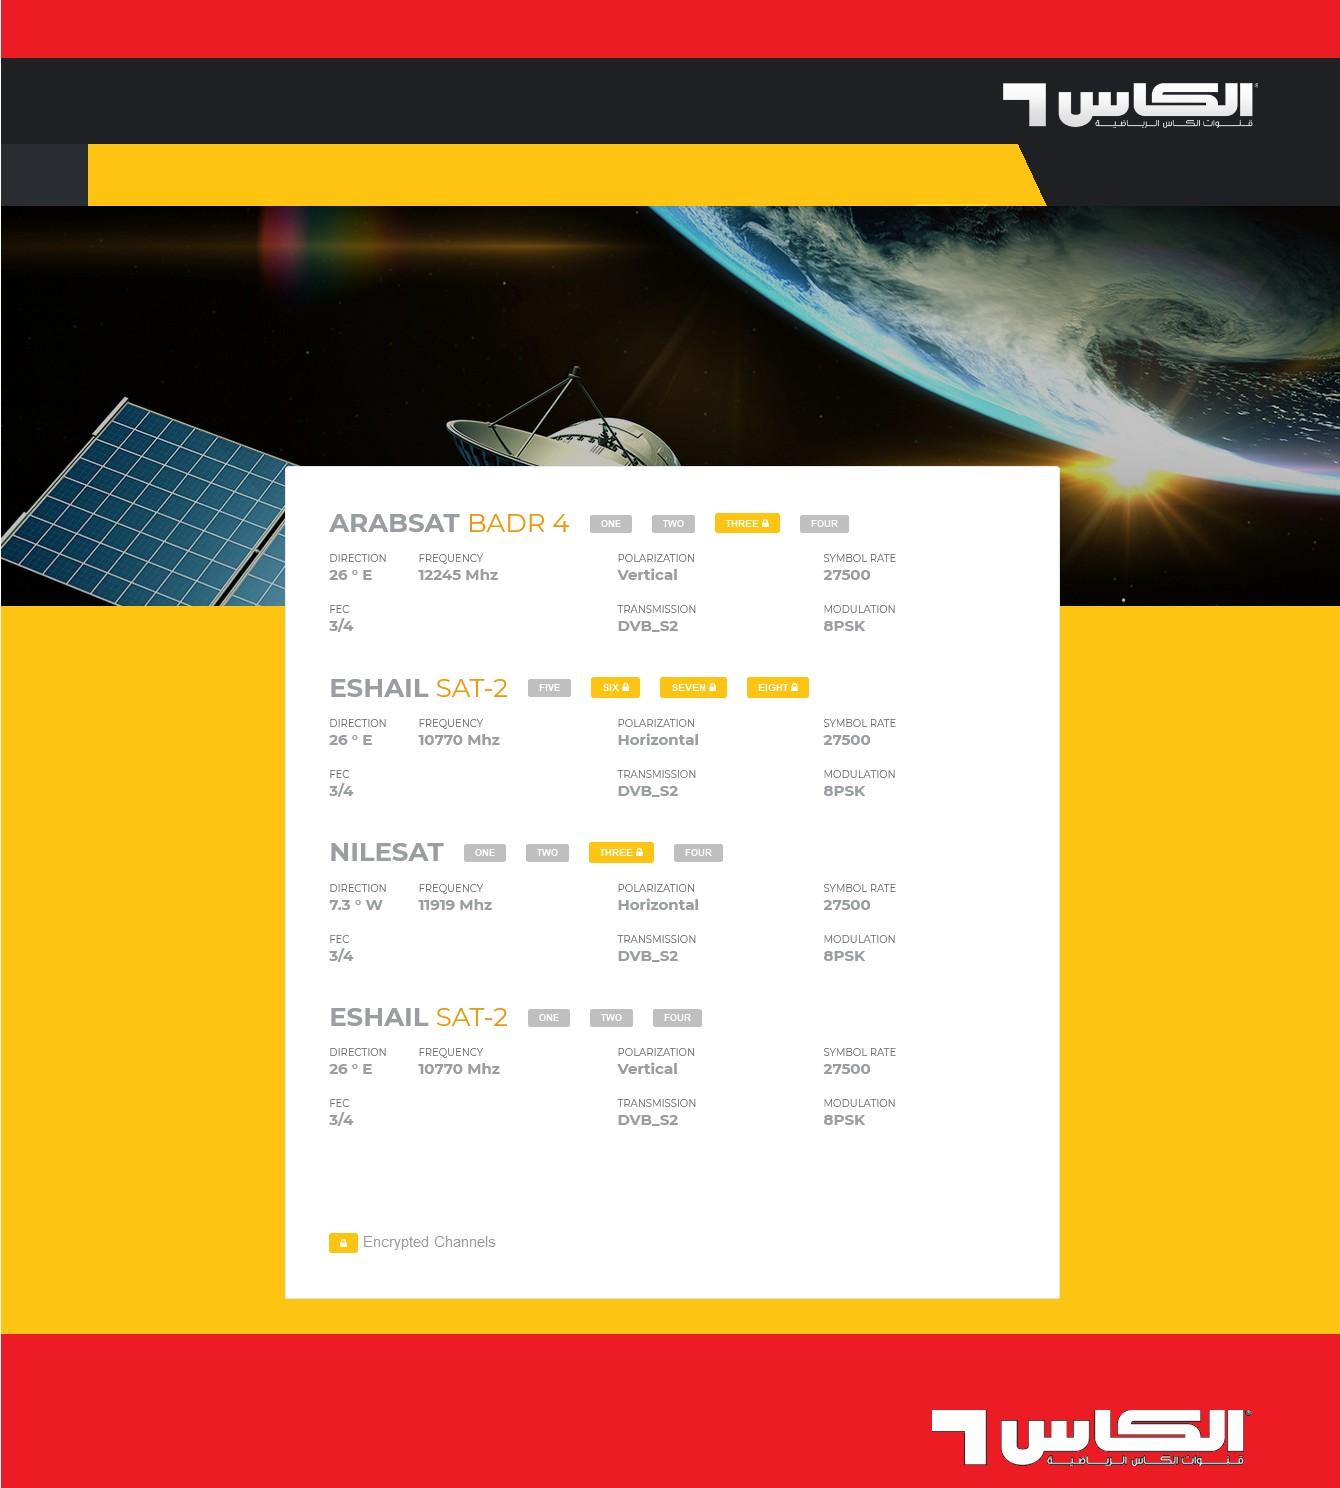 تفاصيل تردد قناة الكأس سبورت الرياضية القطرية 1-2-3-4 Al Kass hd مفتوحة ومجانية نايلسات